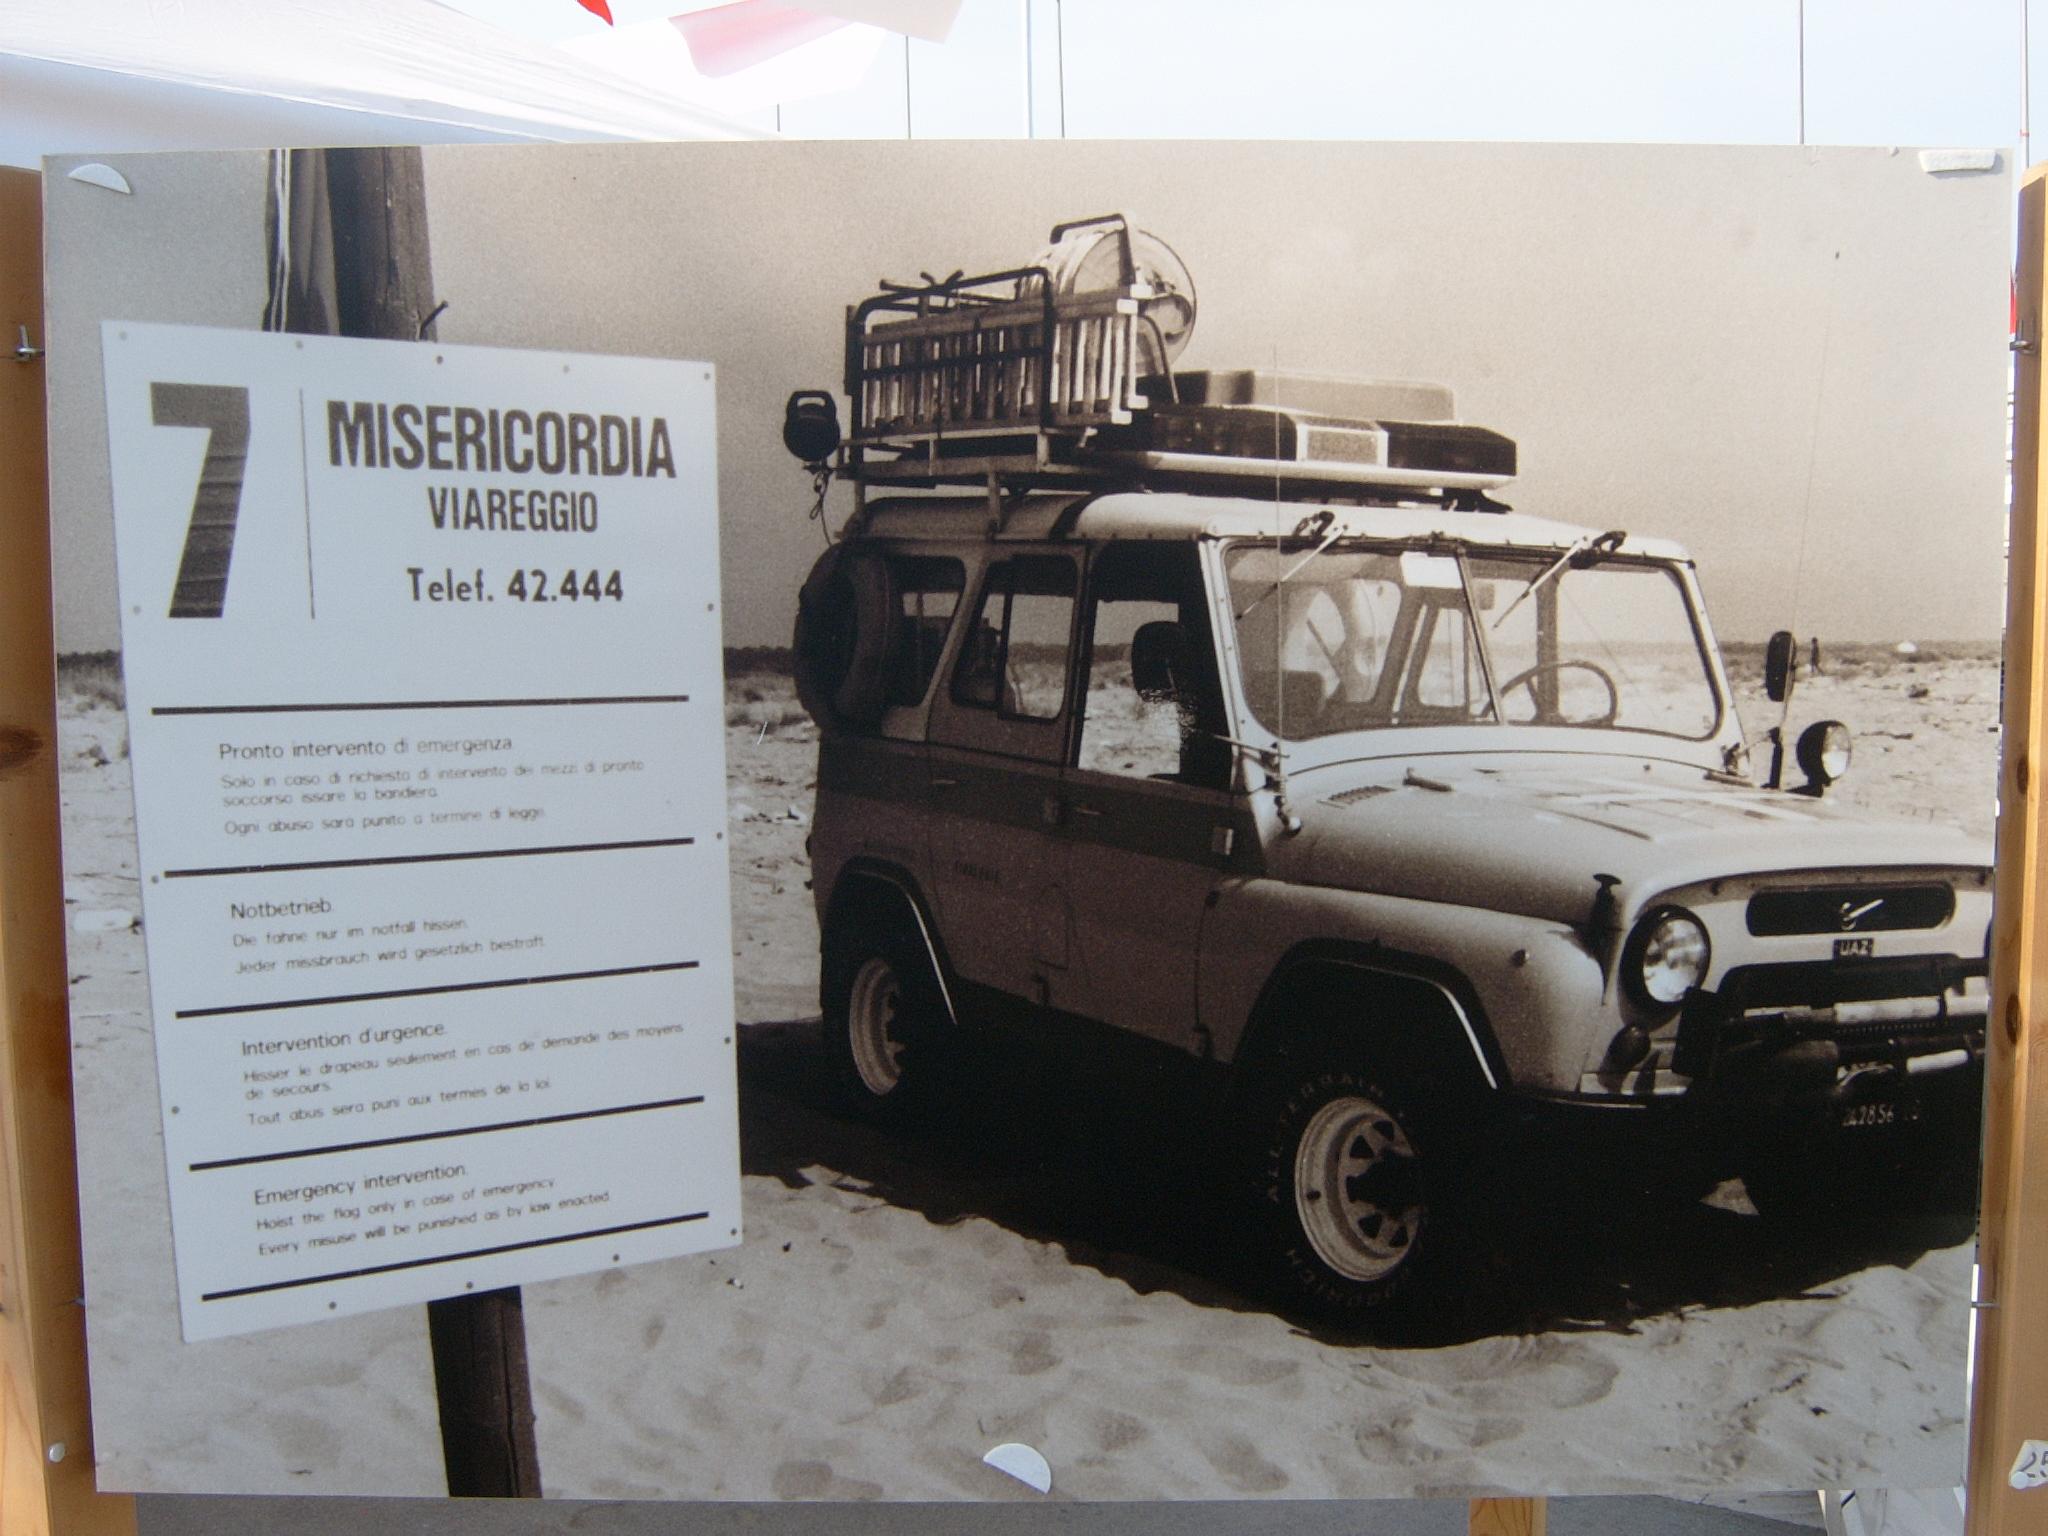 Storia delle associazioni d'Italia: la Misericordia di Viareggio | Emergency Live 15